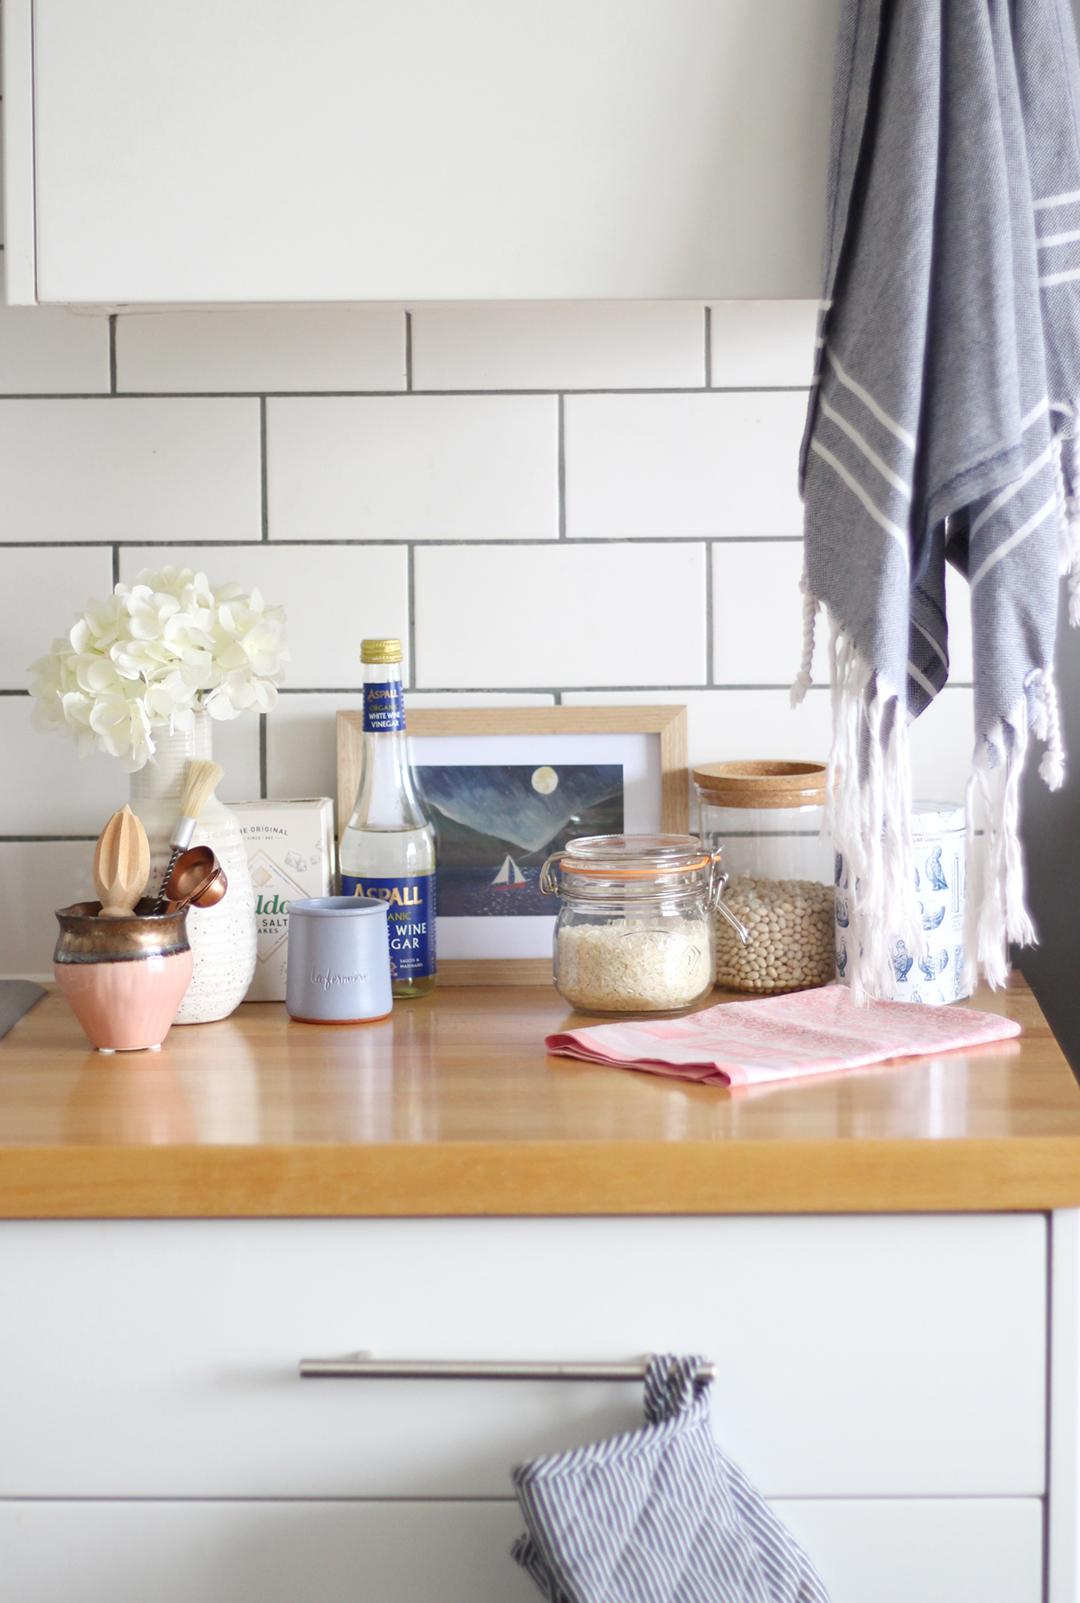 nancy-straughan-interior-stylist-kitchen.jpg